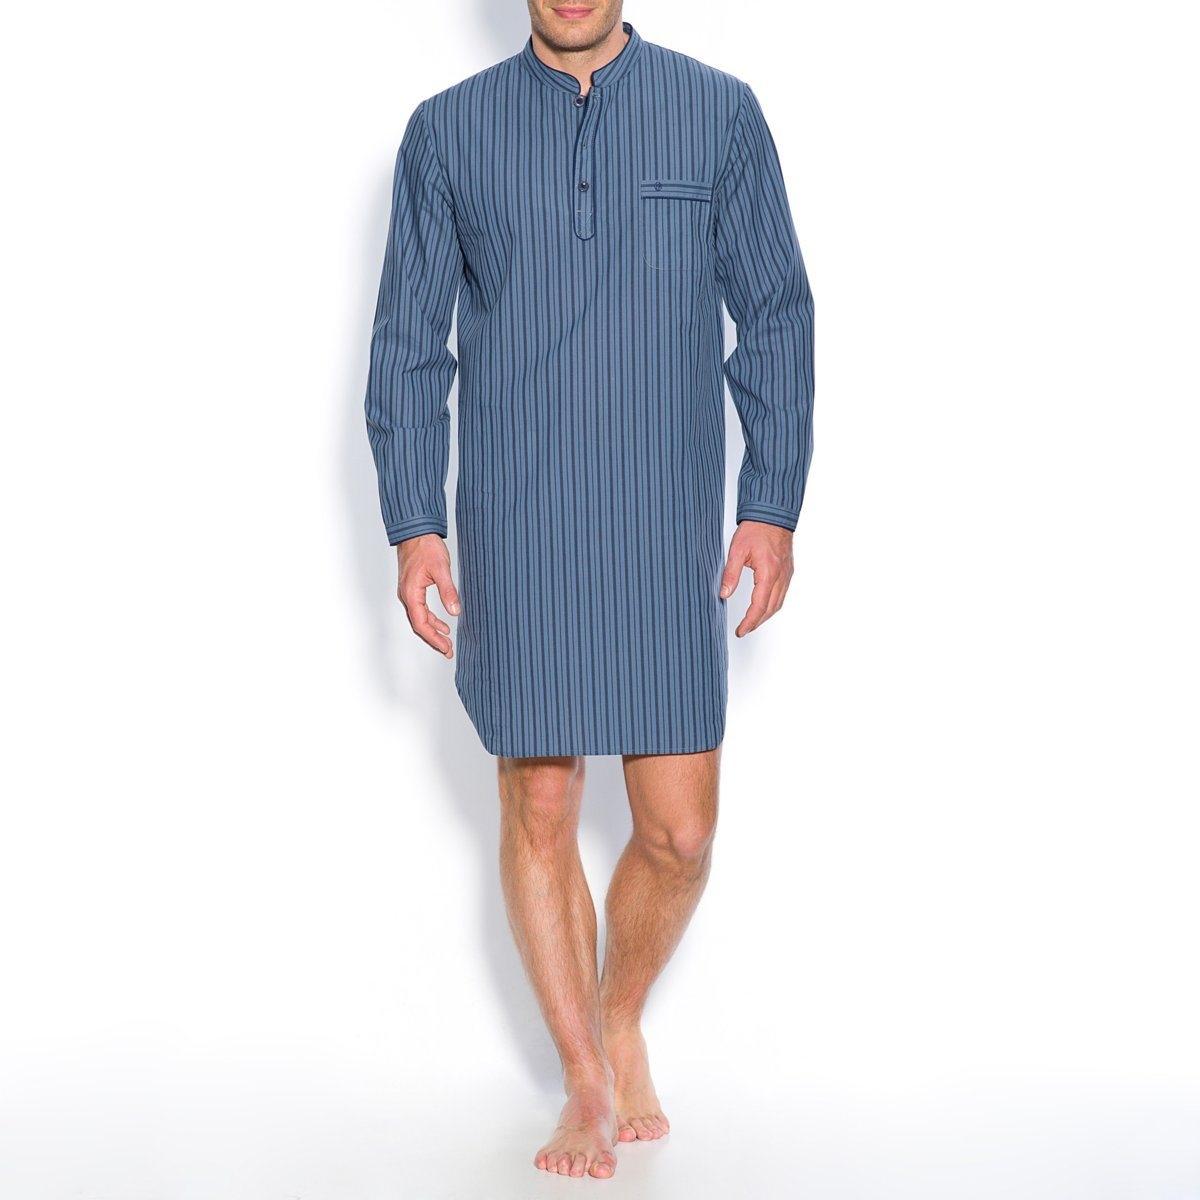 Пижама-рубашкаПоплин в полоску, 100% хлопка. Длинные рукава. Воротник-стойка с застежкой на 3 пуговицы. 1 нагрудный карман с вышивкой. Длина 100 см.<br><br>Цвет: синий в полоску,шамбрэ<br>Размер: M